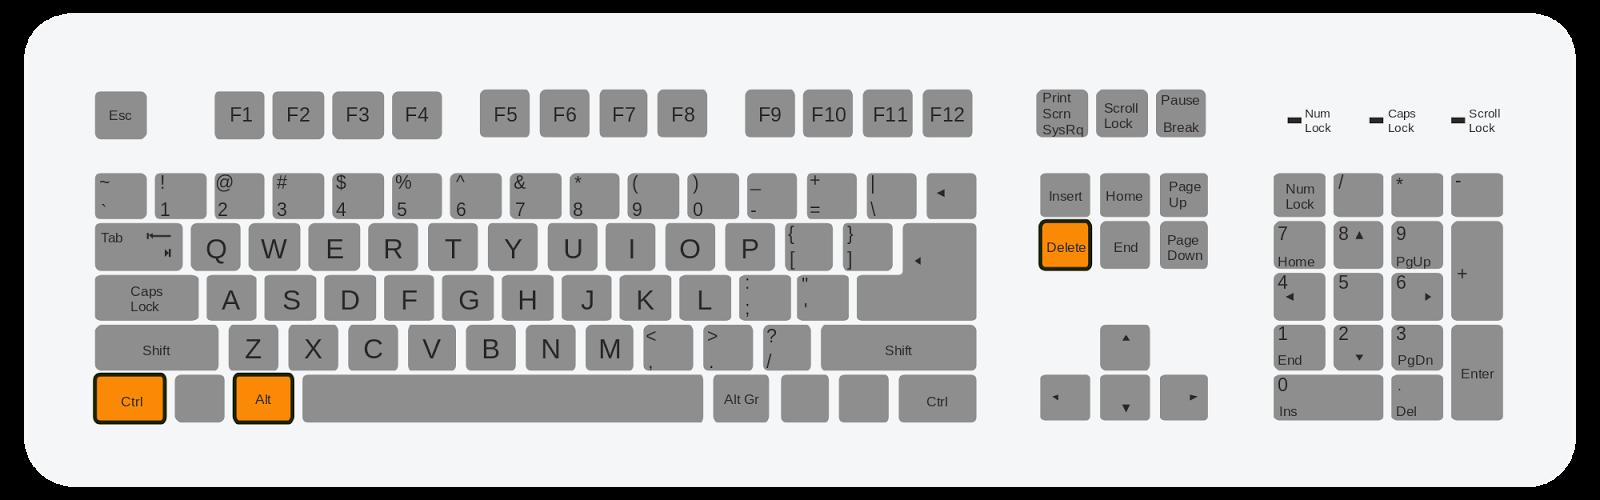 Где на клавиатуре находится альт